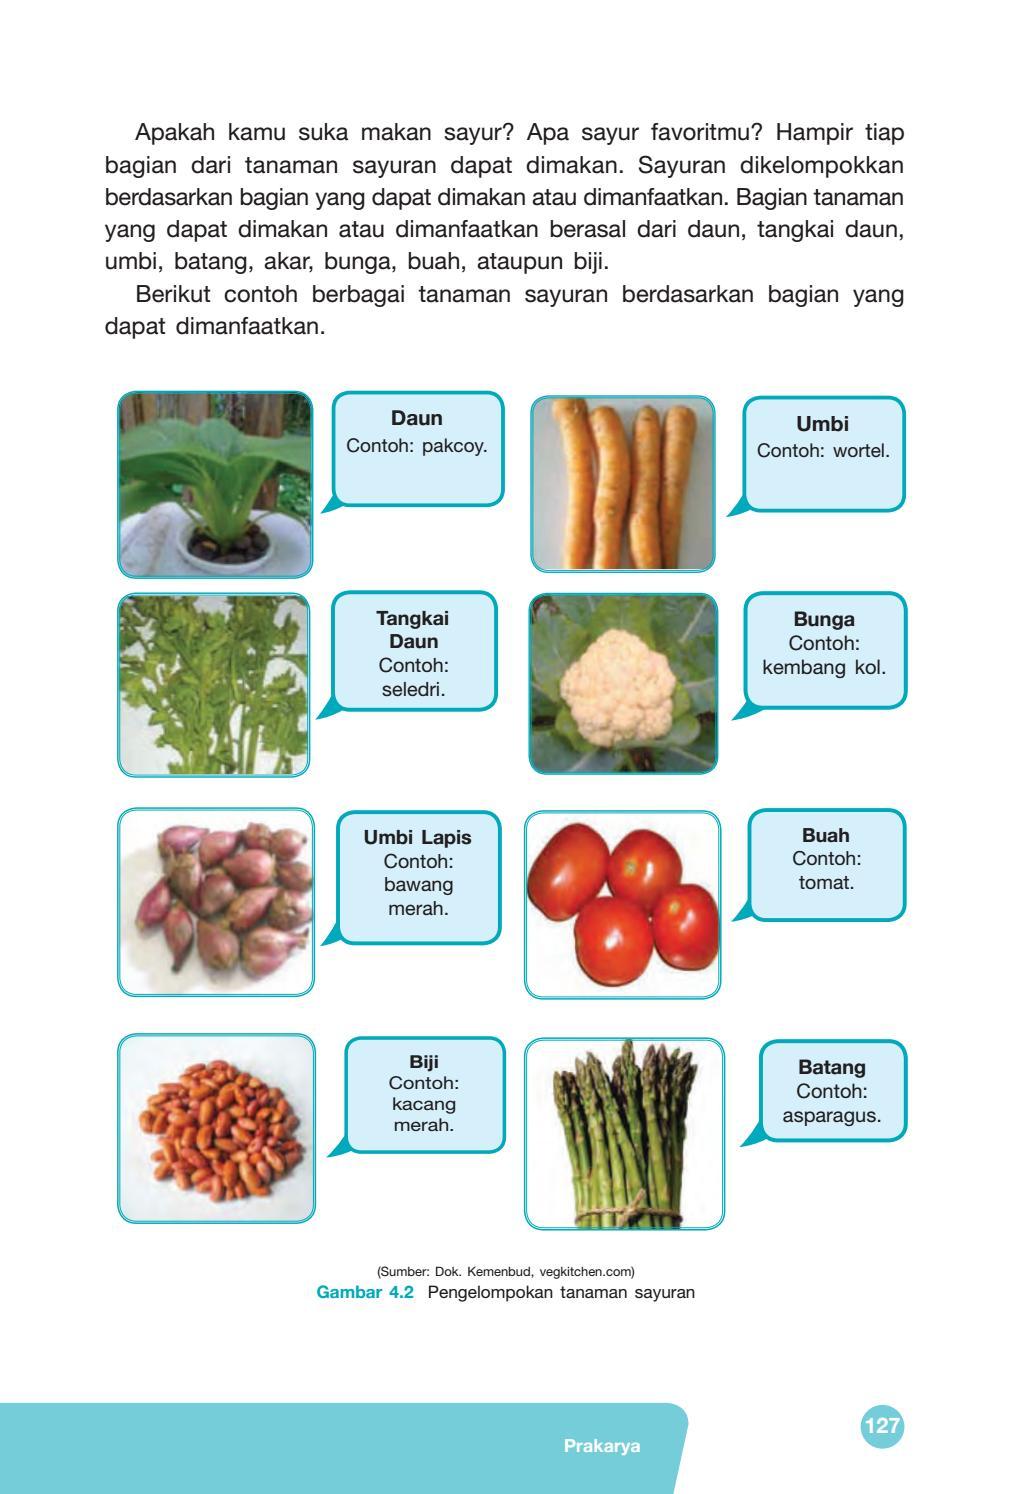 Sayuran Yang Berasal Dari Bunga : sayuran, berasal, bunga, Kelas, Prakarya, Siswa, Issuu